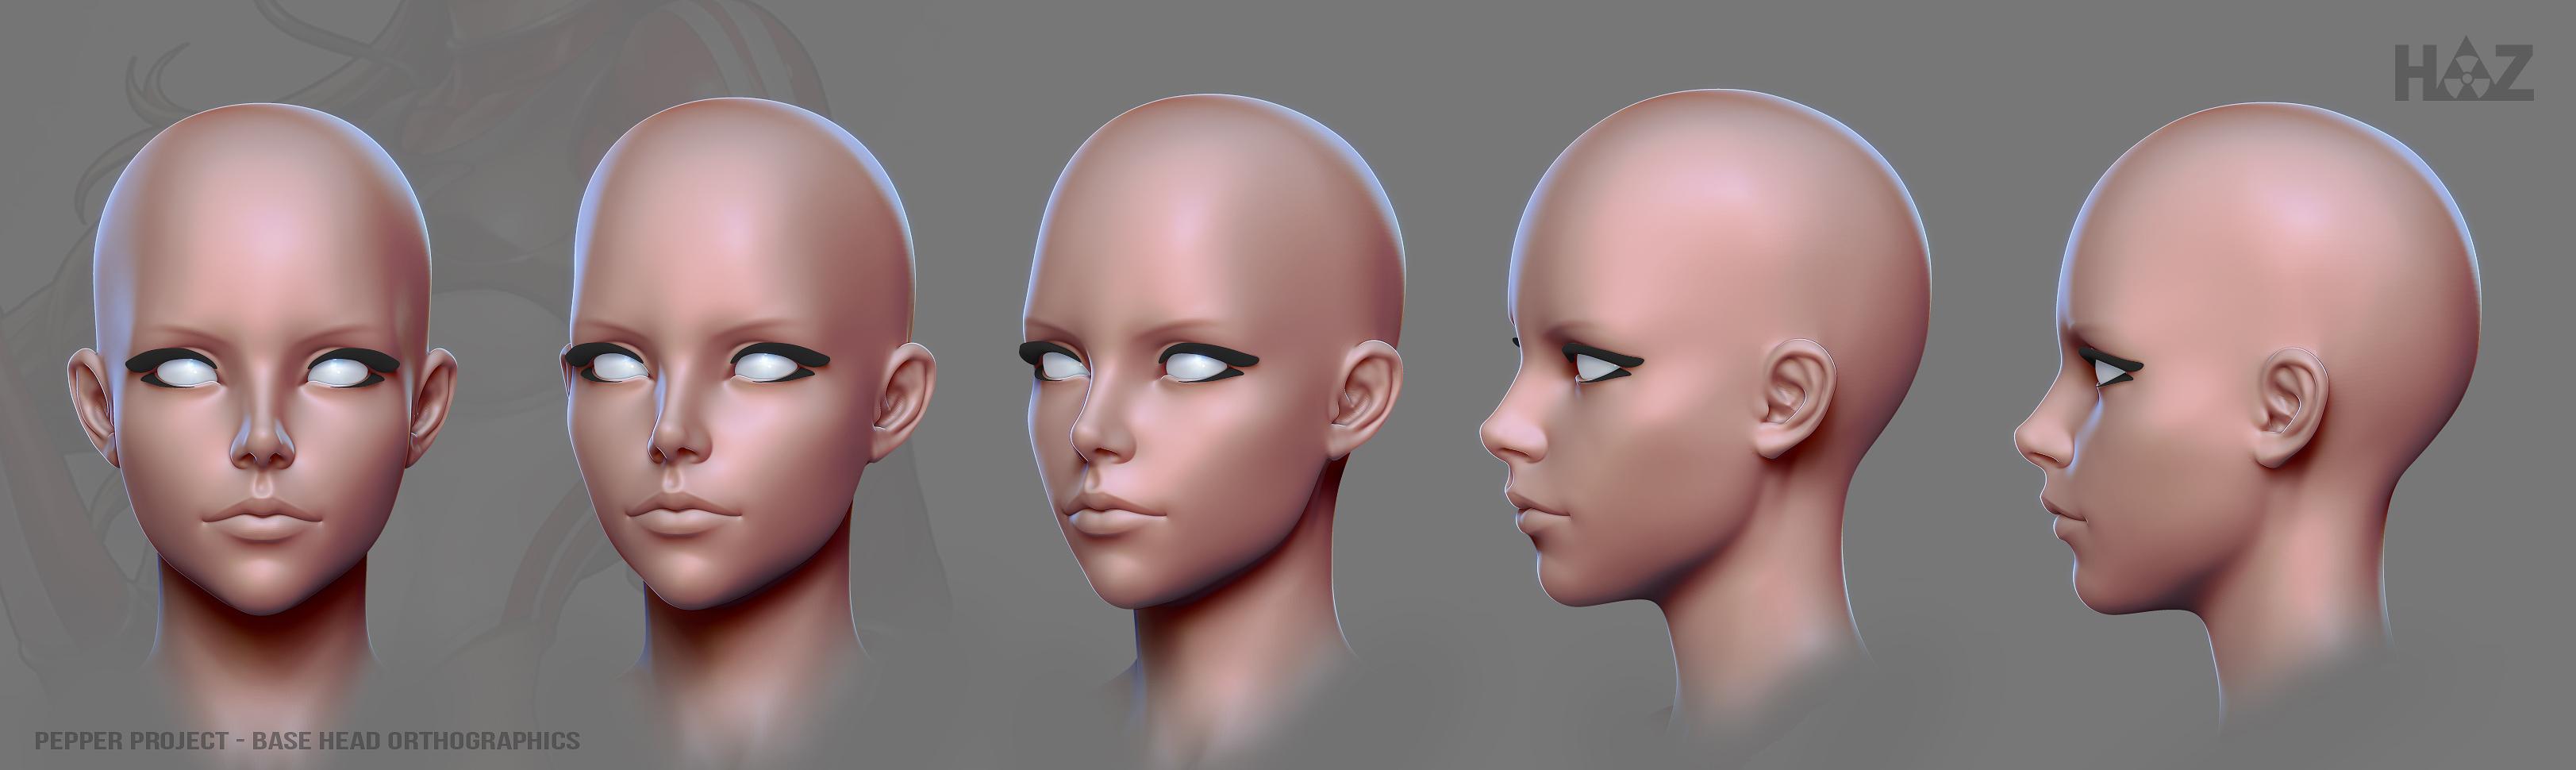 automob 3d anatomy tutorial - HD3246×970